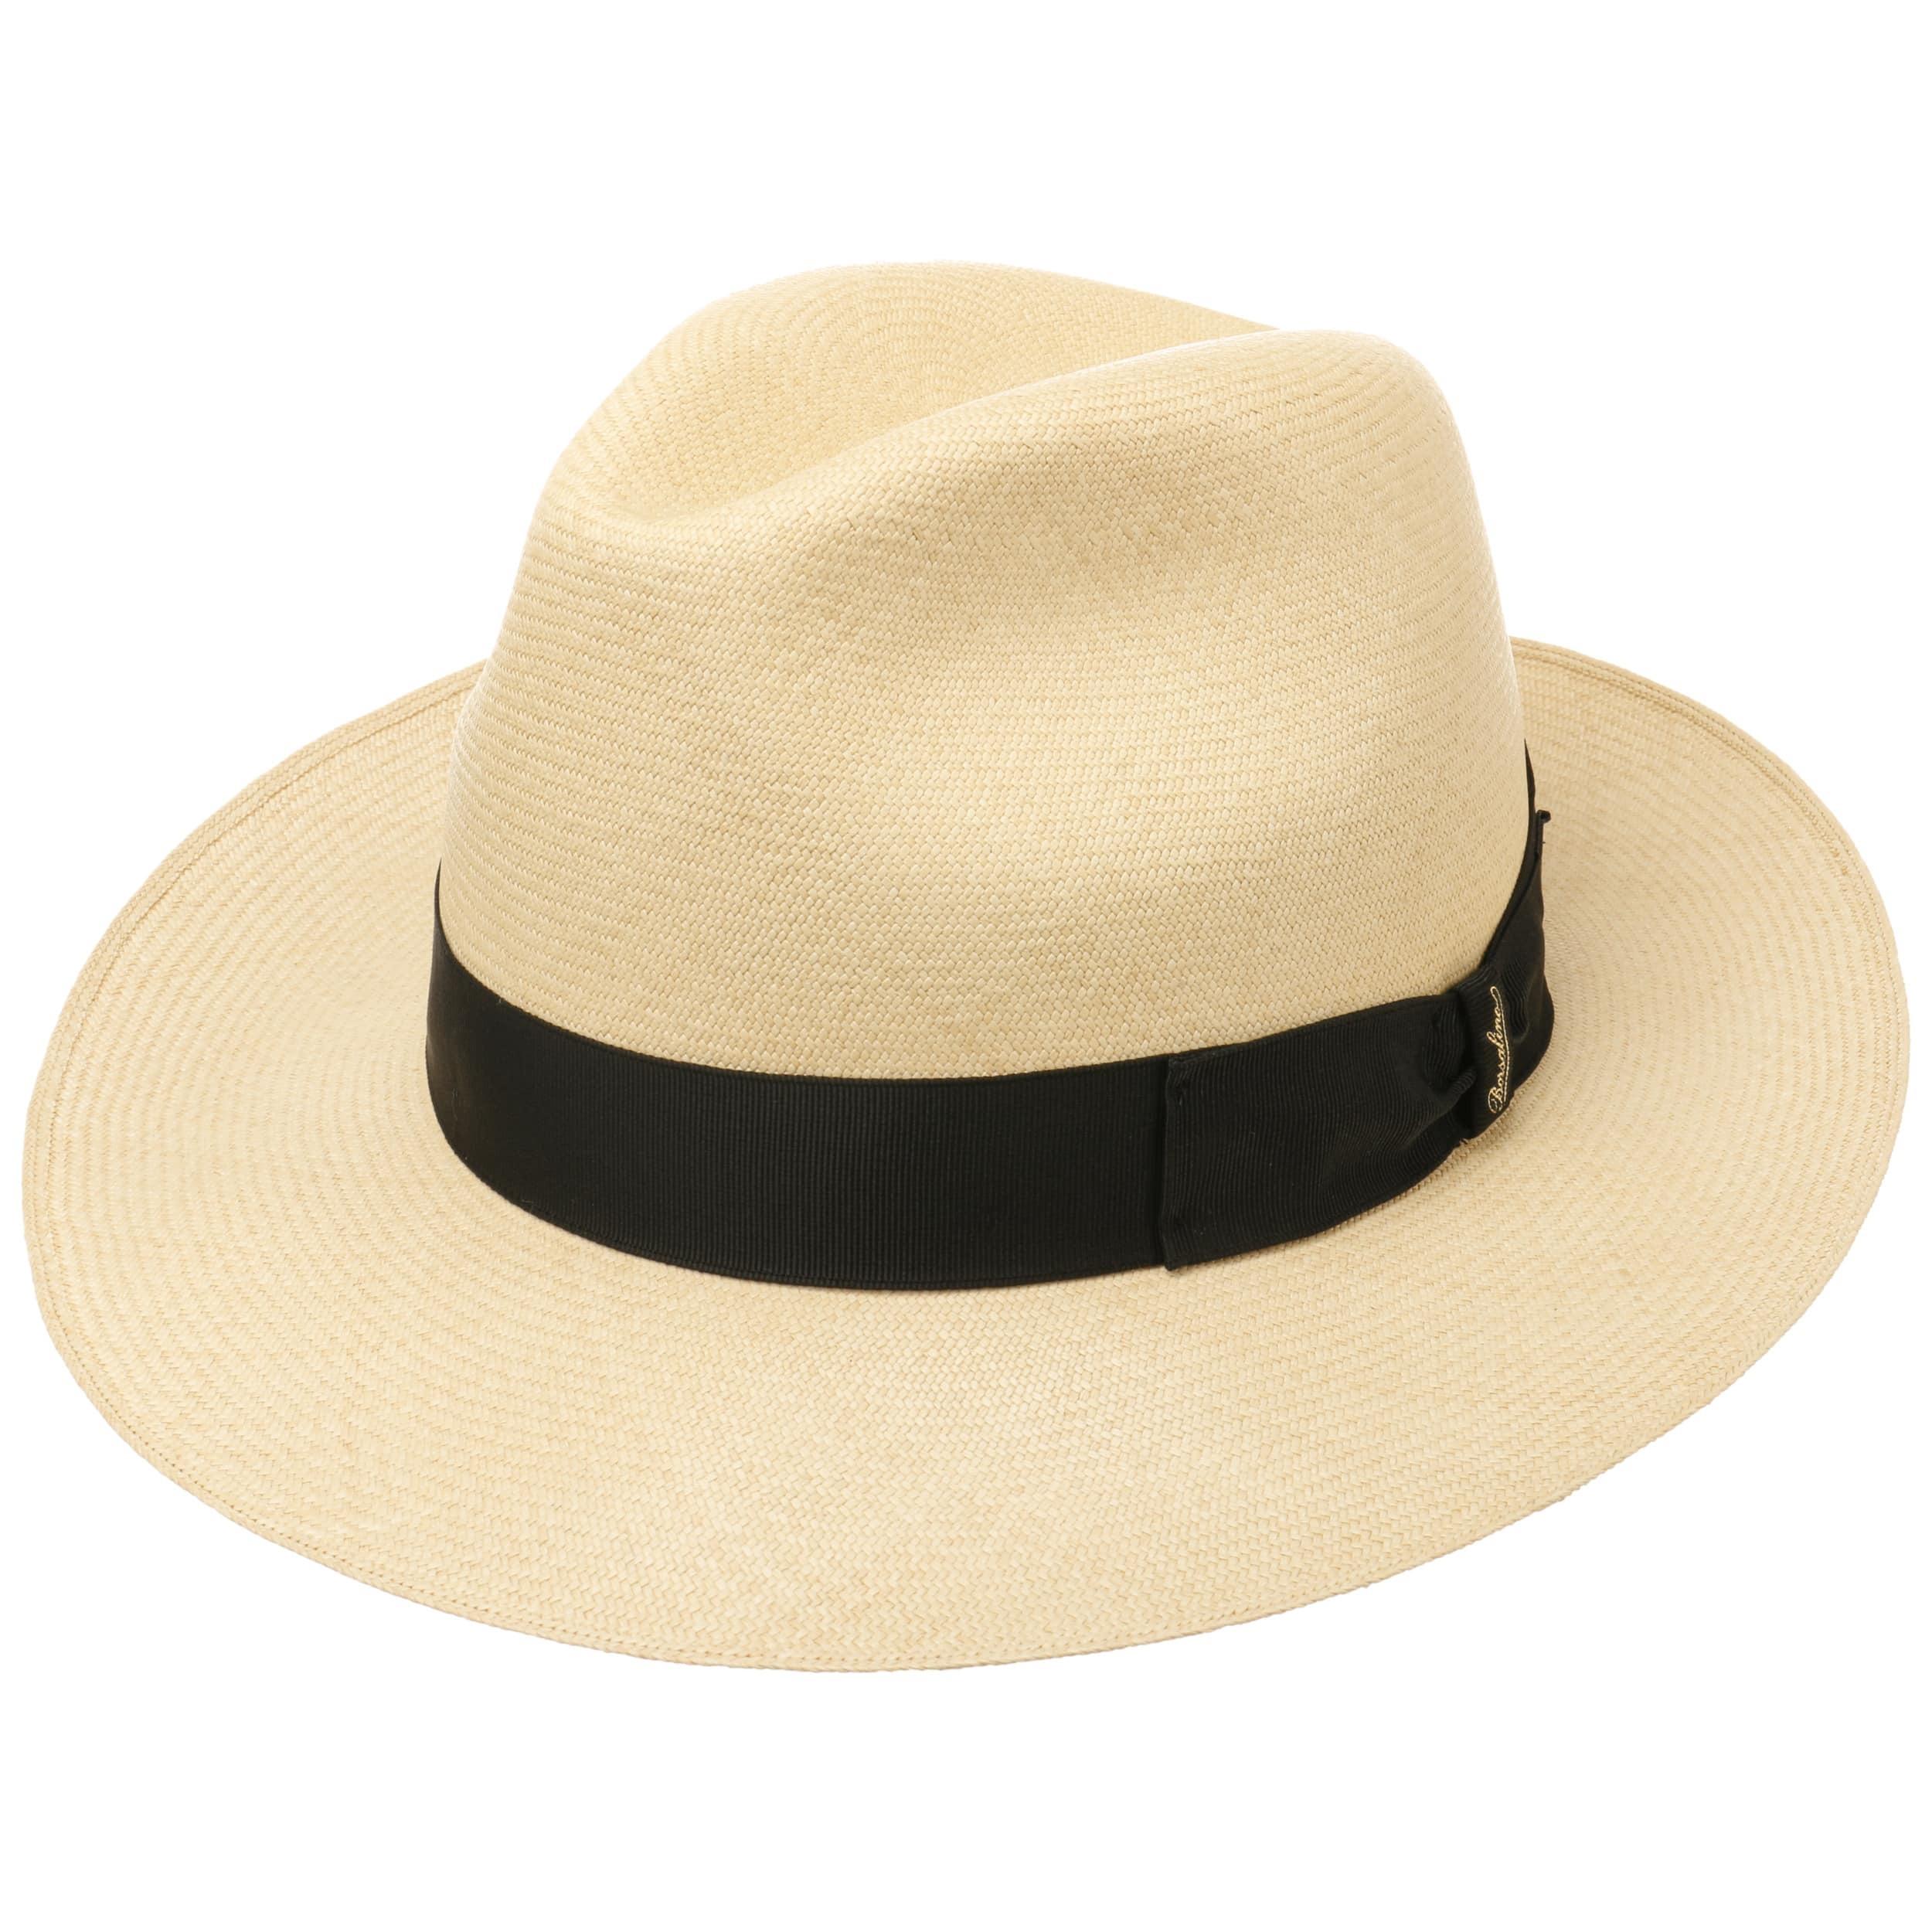 Cappello Panama con design gioiello sintetico   …